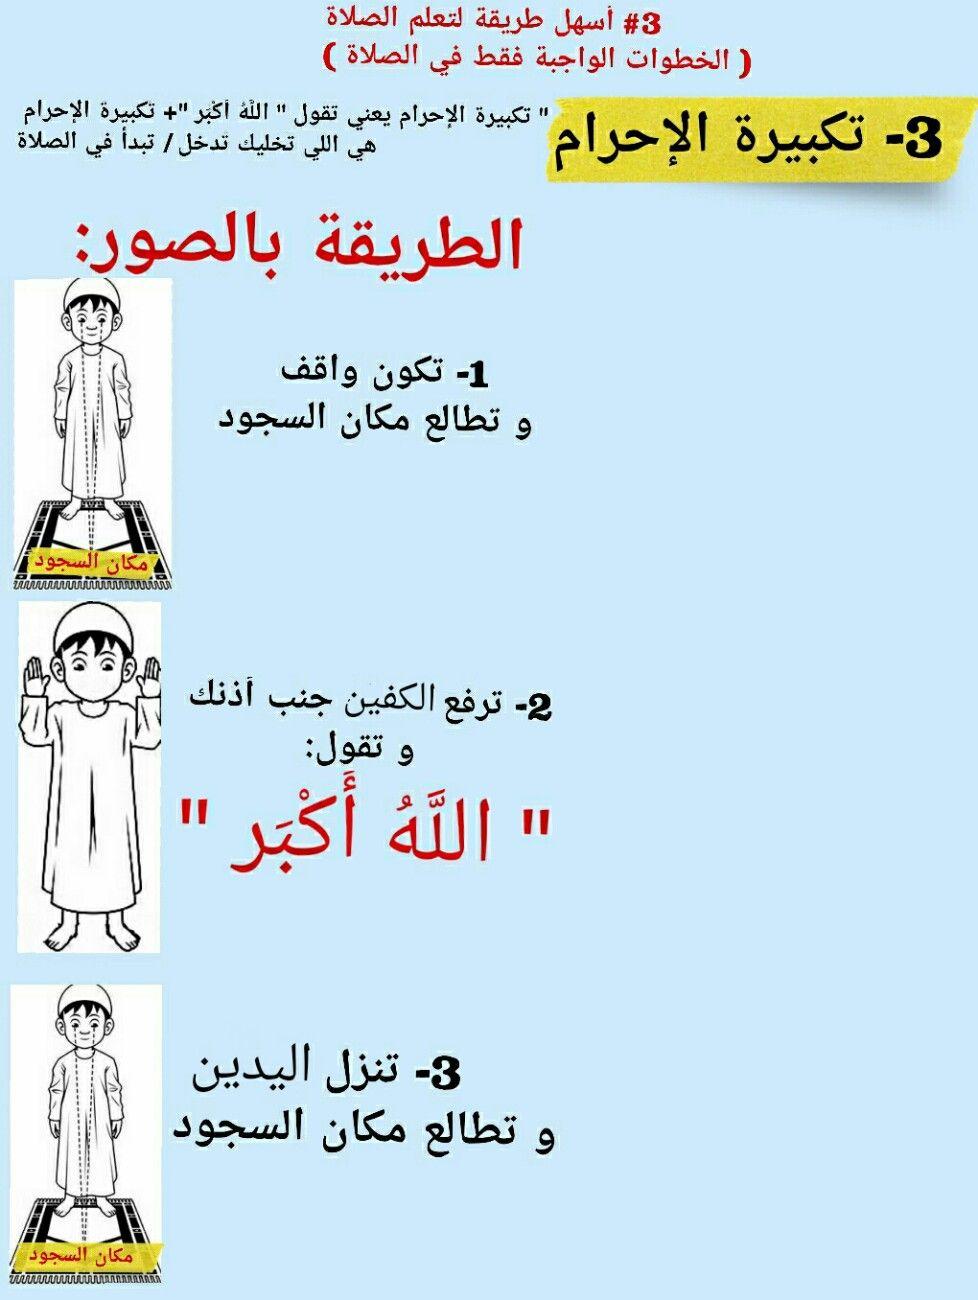 ٣ أسهل طريقة لتعلم الصلوات الخمس اليومية الخطوات الواجبة فقط في الصلاة من دون المستحبات Taal